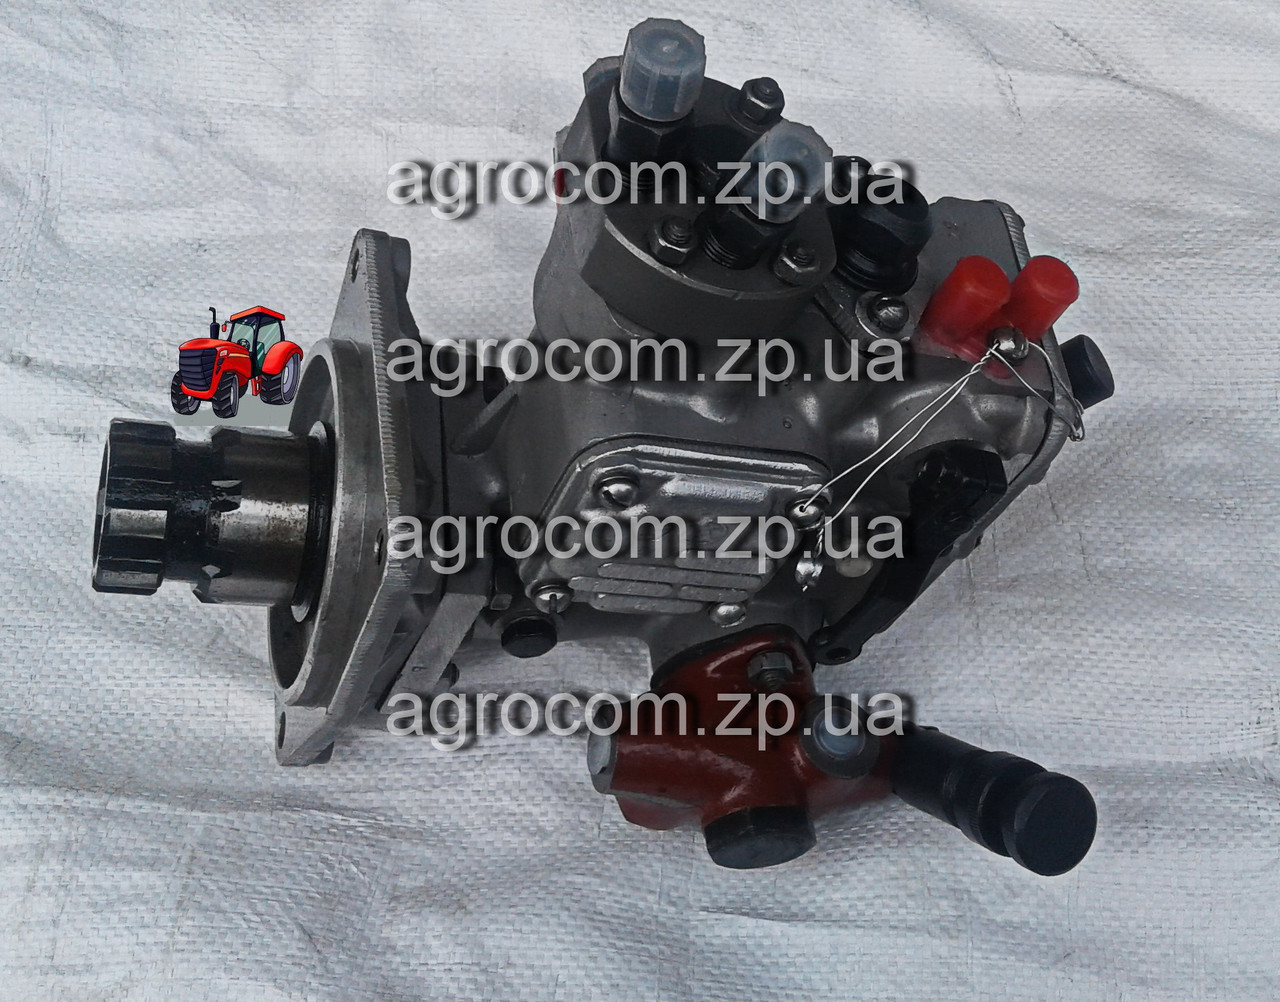 Паливний насос Т-40, Д-144 пучковий ТНВД